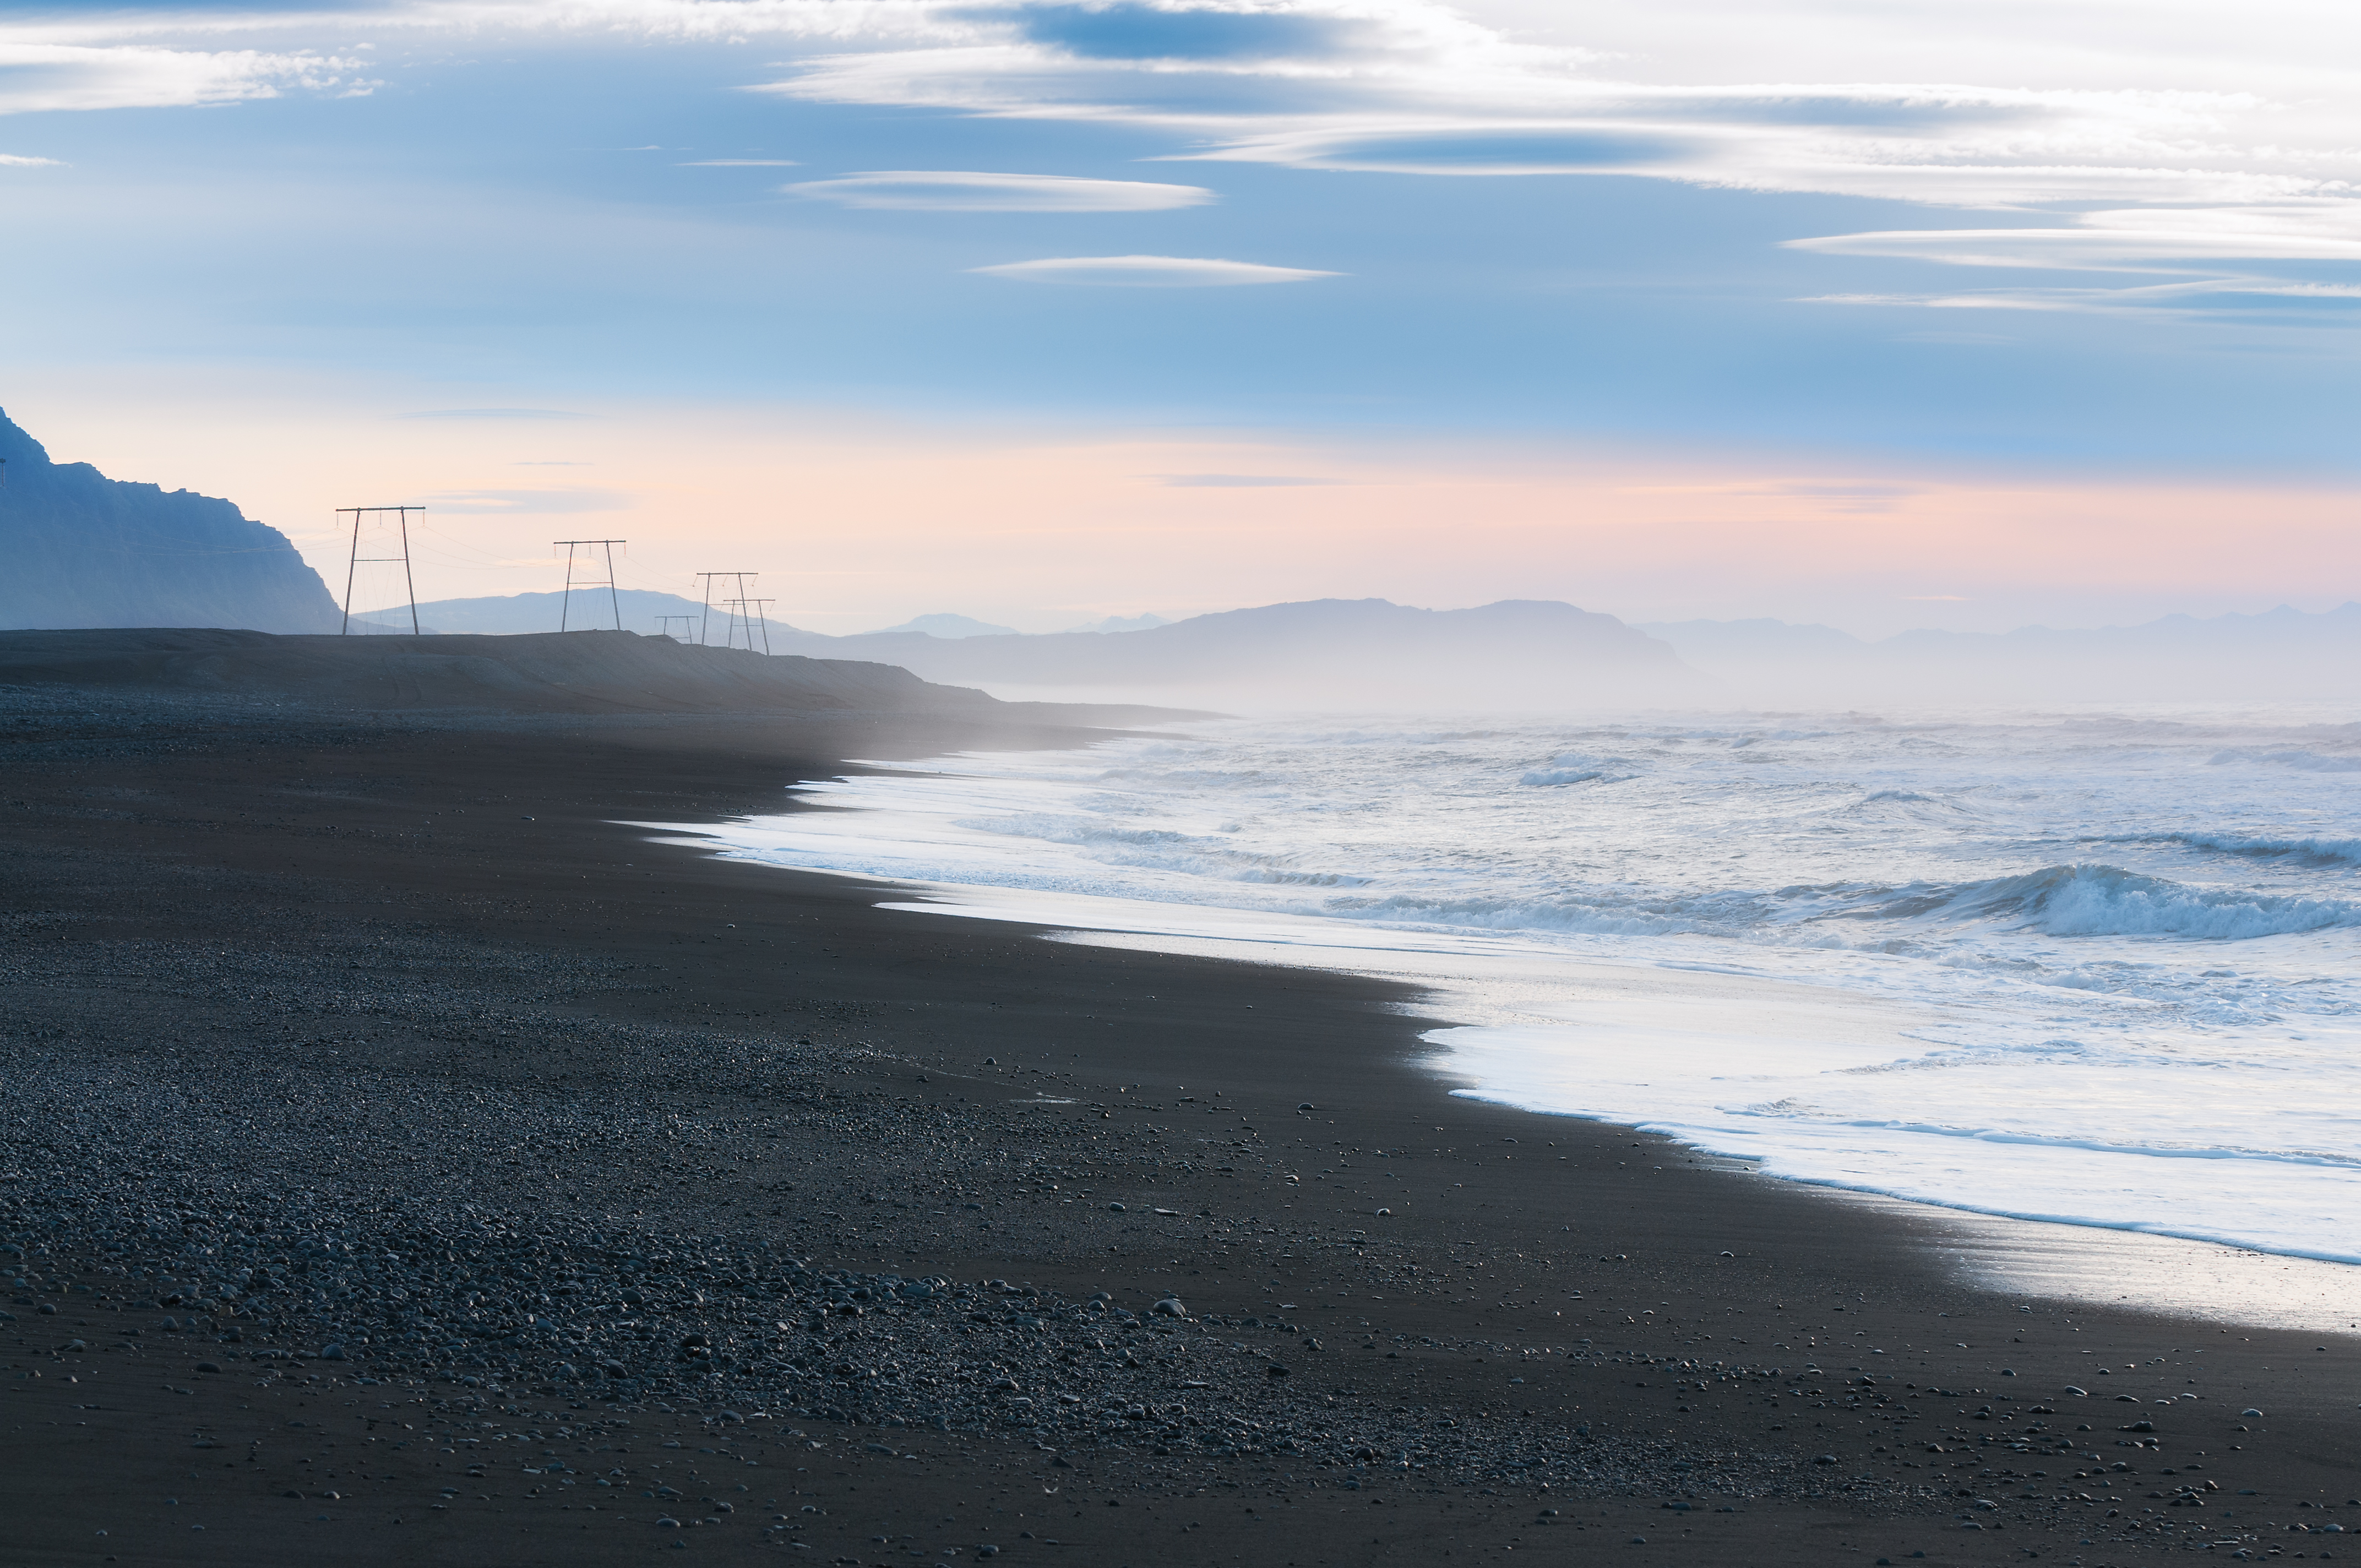 Einsamer Strand in Südisland, Nebel und Berge am Horizont